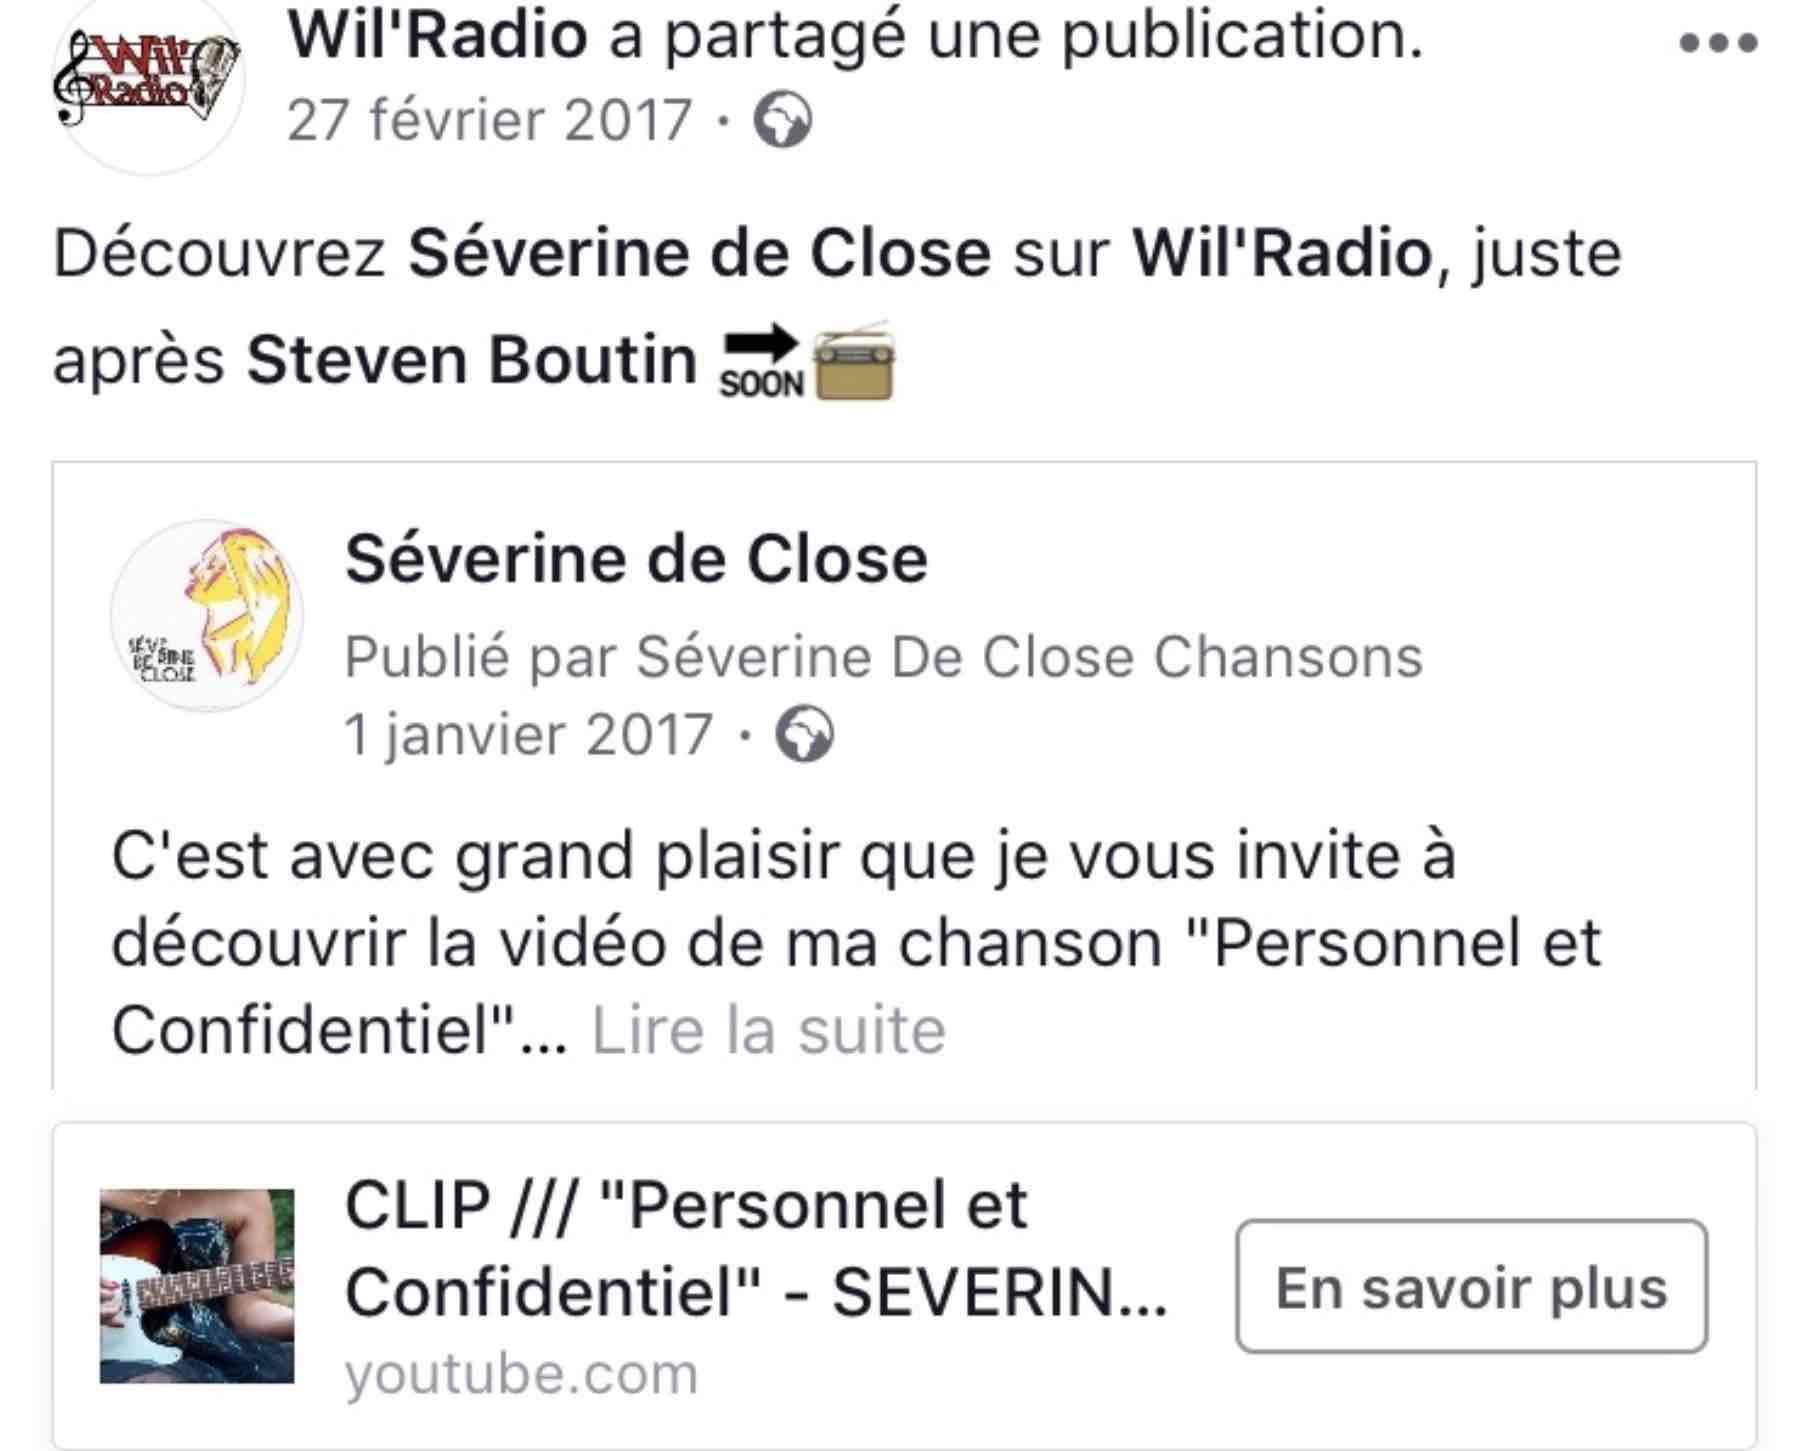 Wil'Radio - 27/02/17